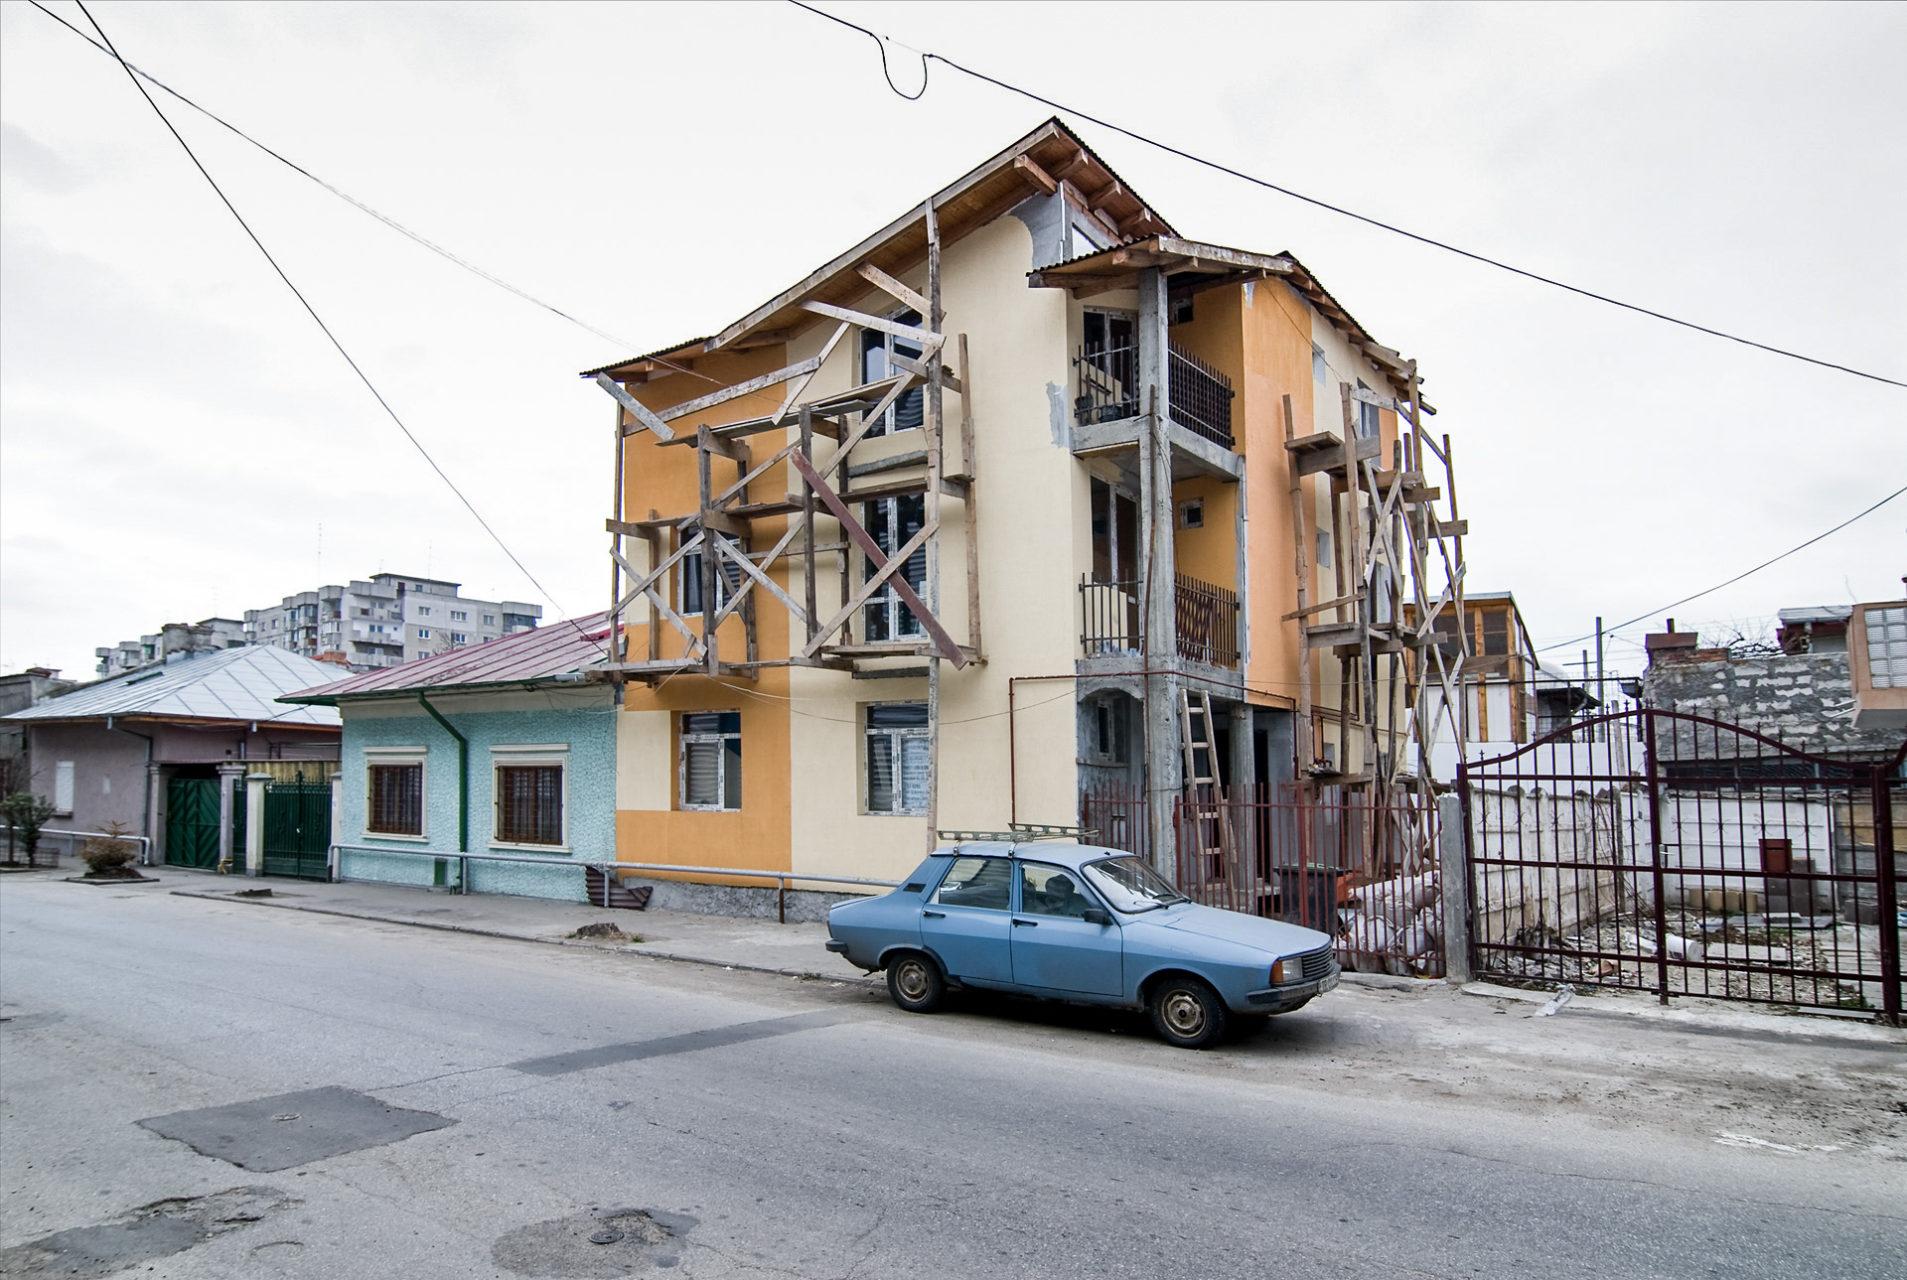 Gevelversterking, Boekarest Roemenië 2007.